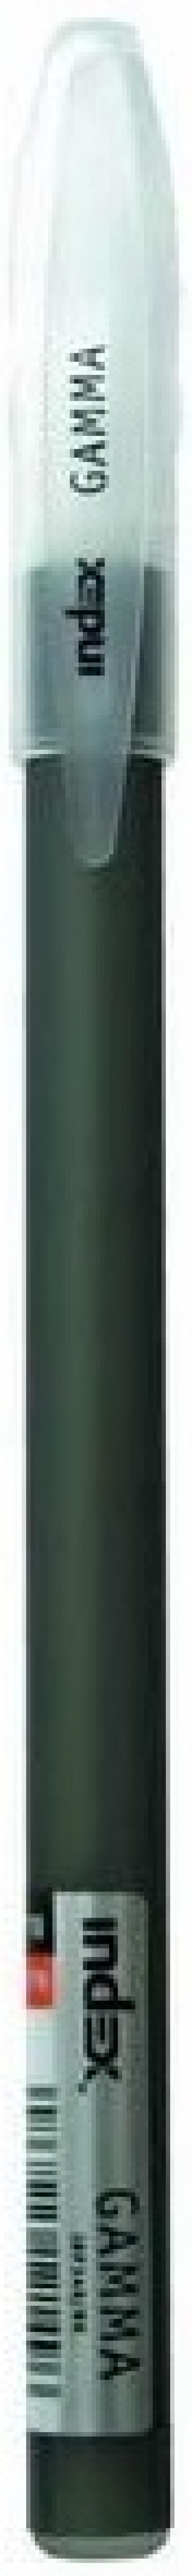 Шариковая ручка Index Gamma черный 1 мм IBP349/BK IBP349/BK шариковая ручка index epsilon черный 1 мм ibp3510 bk